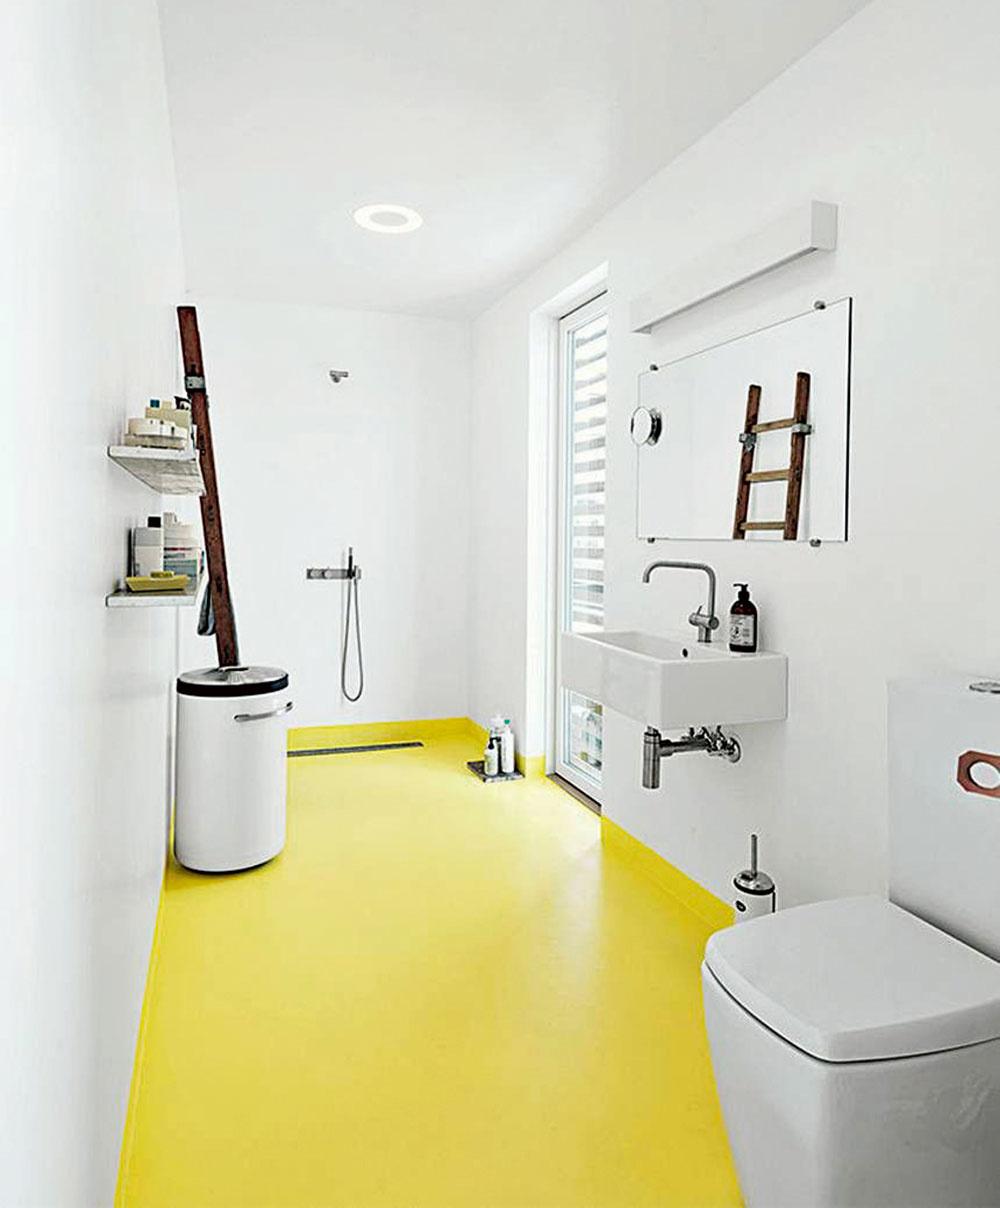 Liata (polyuretánová) podlaha je do kúpeľne veľmi šikovná, jej najväčšou prednosťou je totiž práve jej výborná udržiavateľnosť. Keďže nemá škáry, odpadajú akékoľvek starosti s ich čistením a na jej údržbu nepotrebujete žiadne špeciálne čistiace prostriedky.